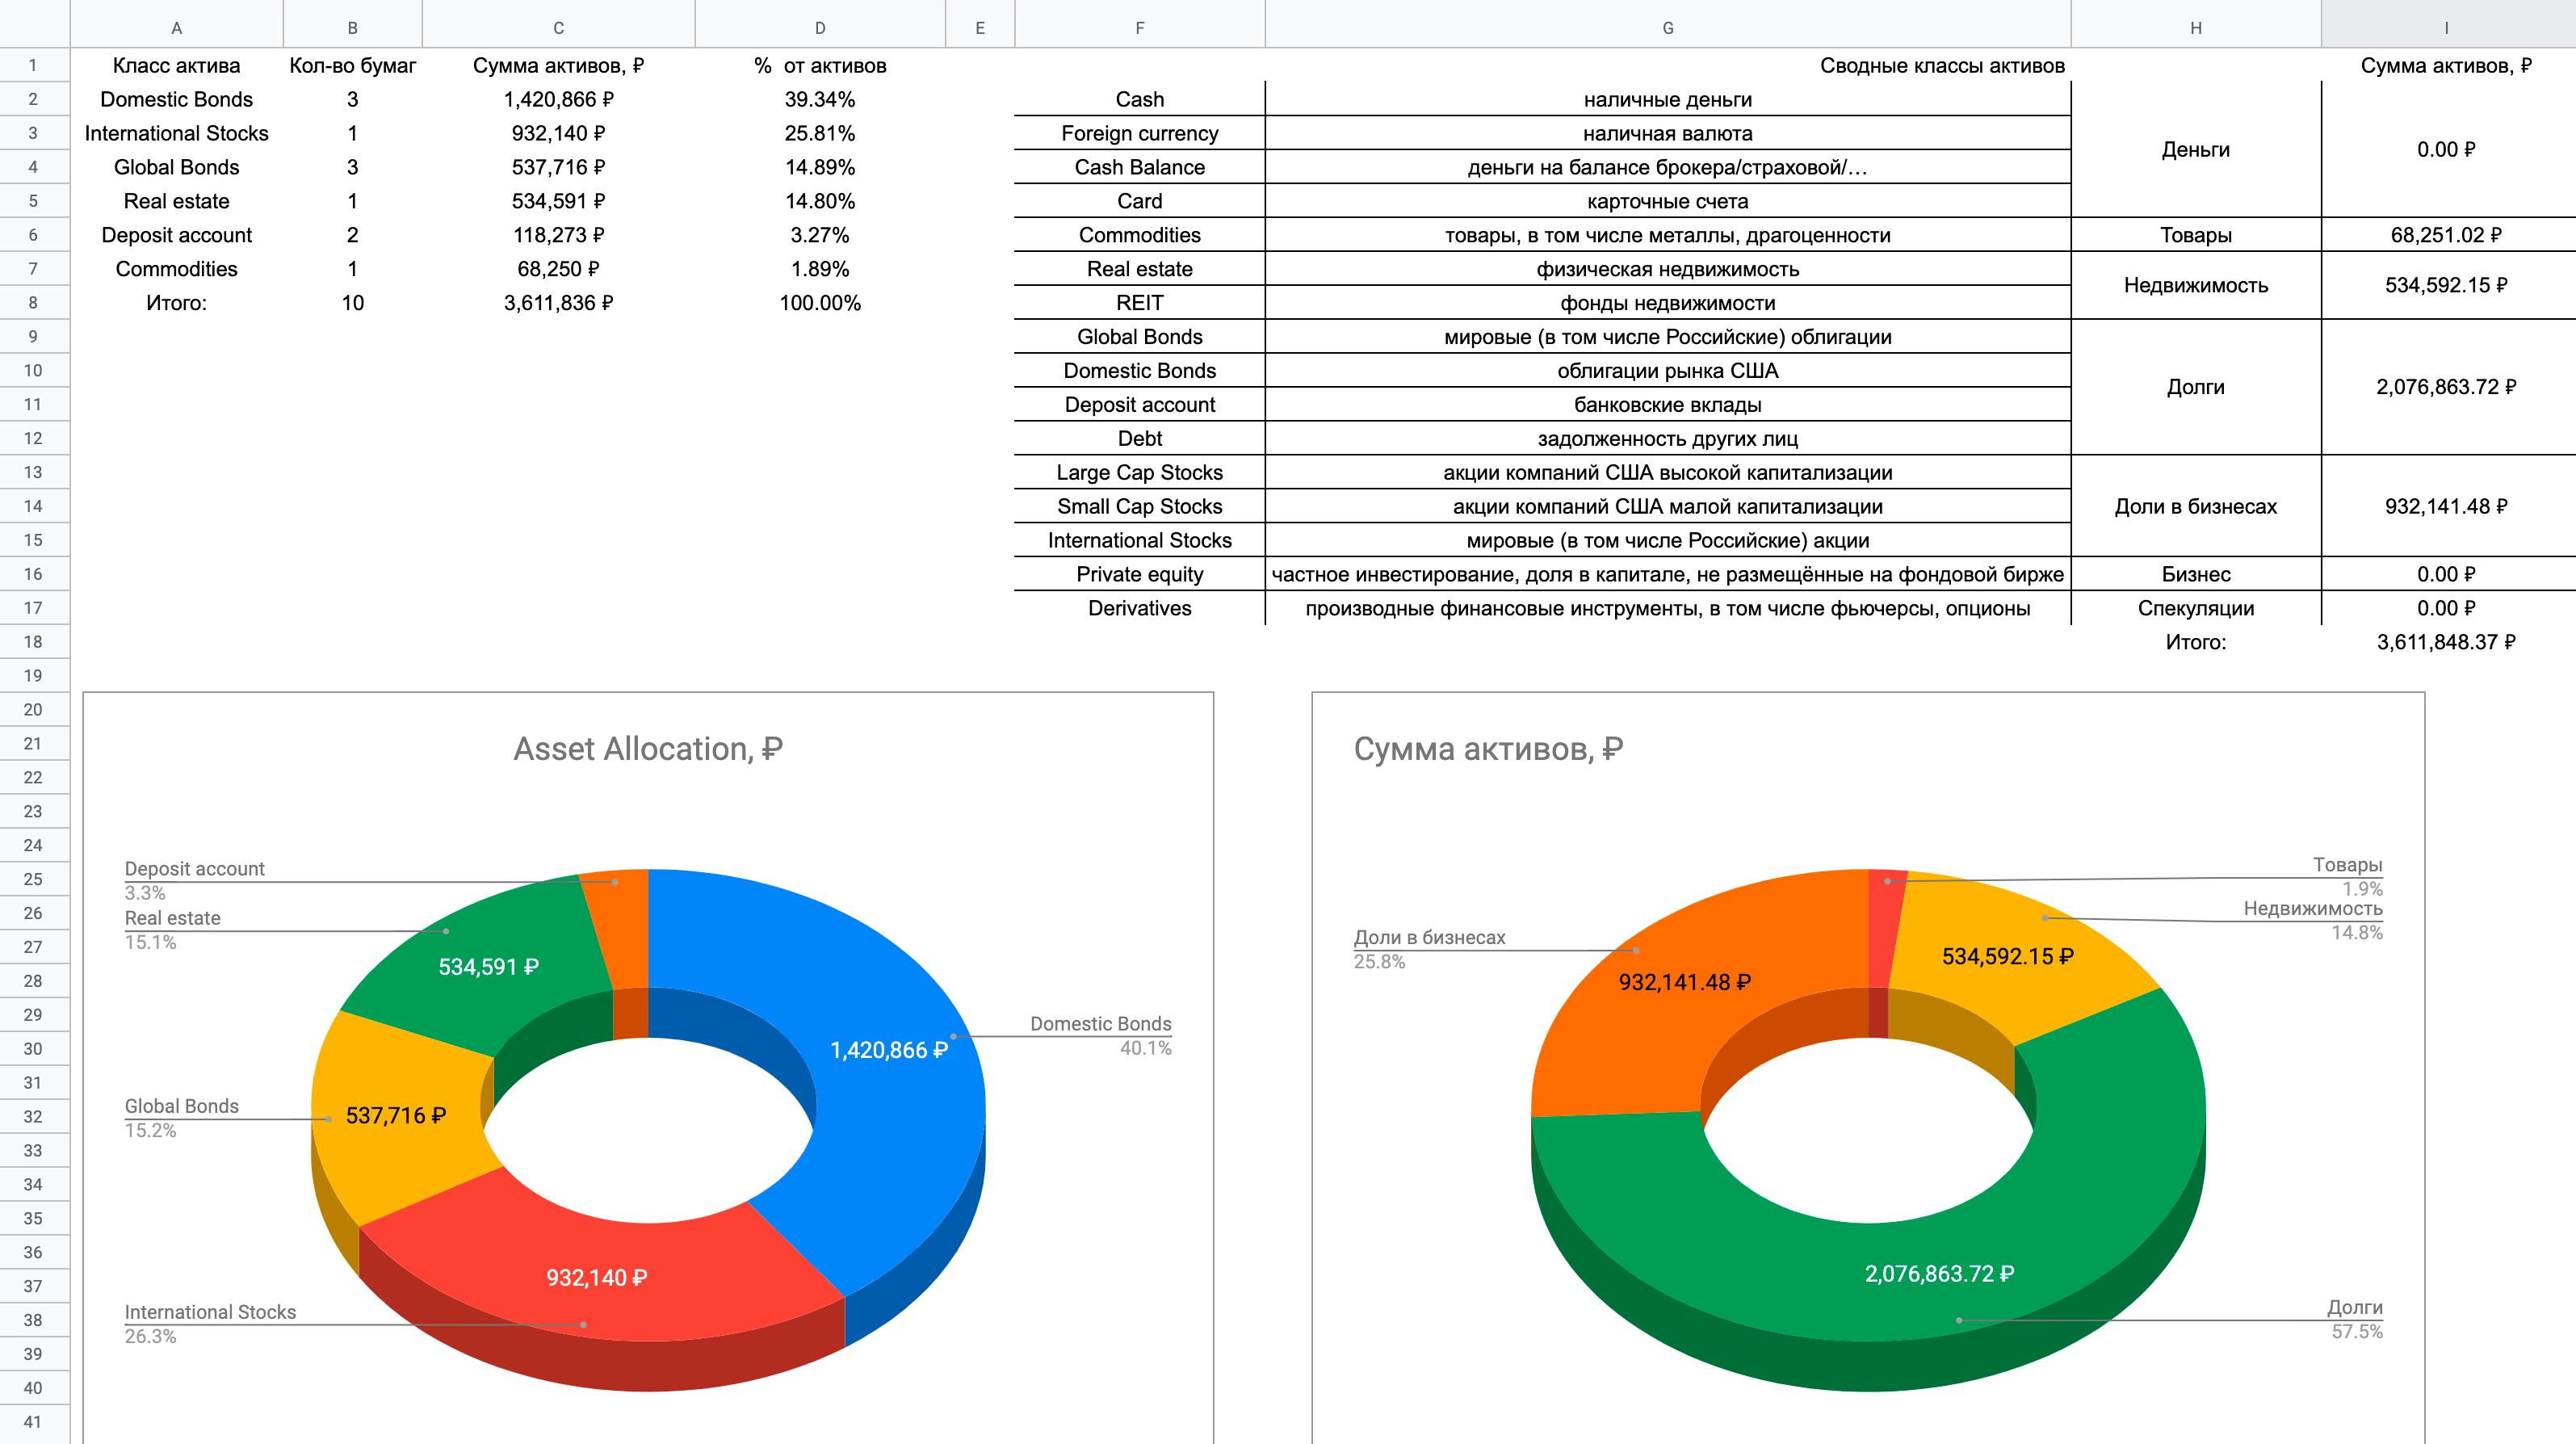 Скриншот вкладки «Классы активов»